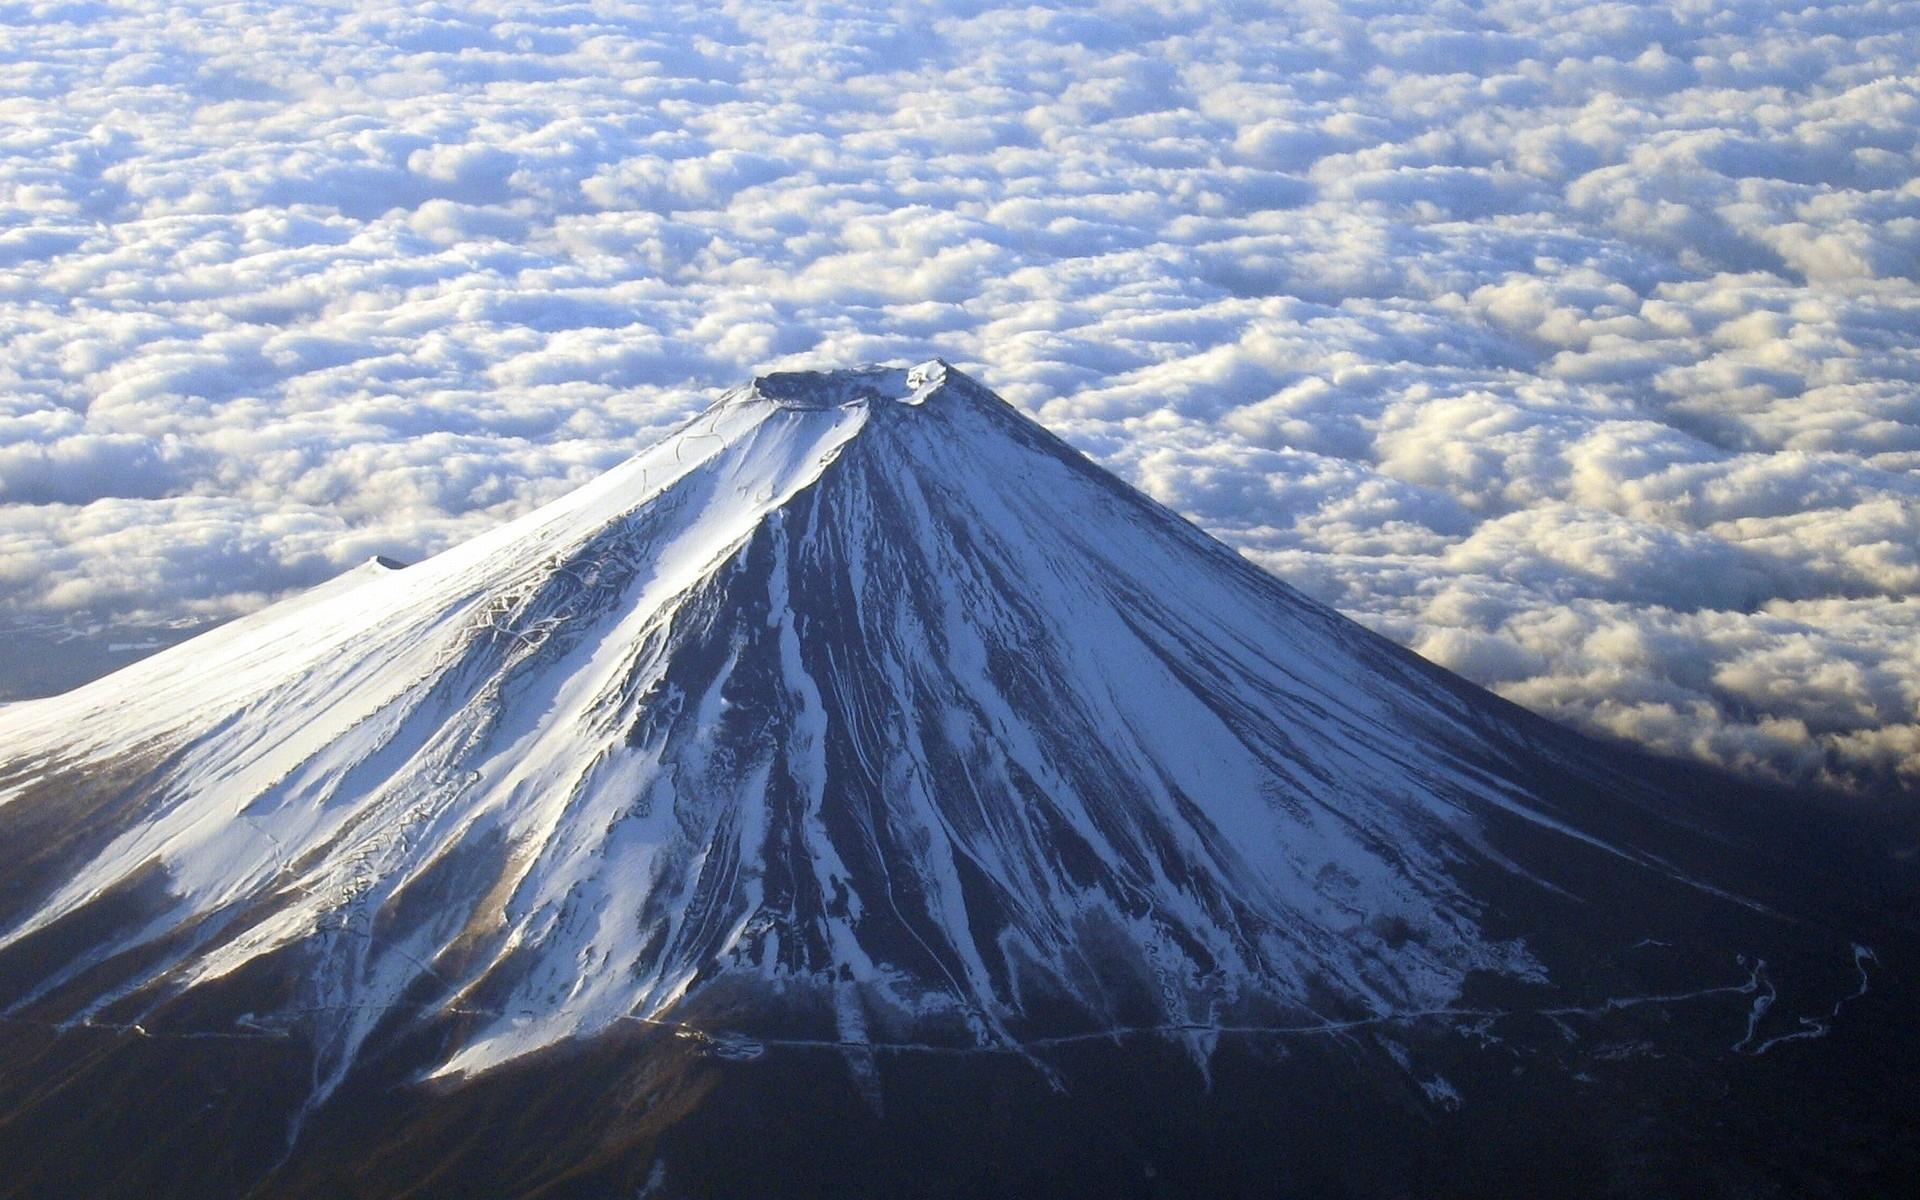 Mt Fuji Wallpaper 34455